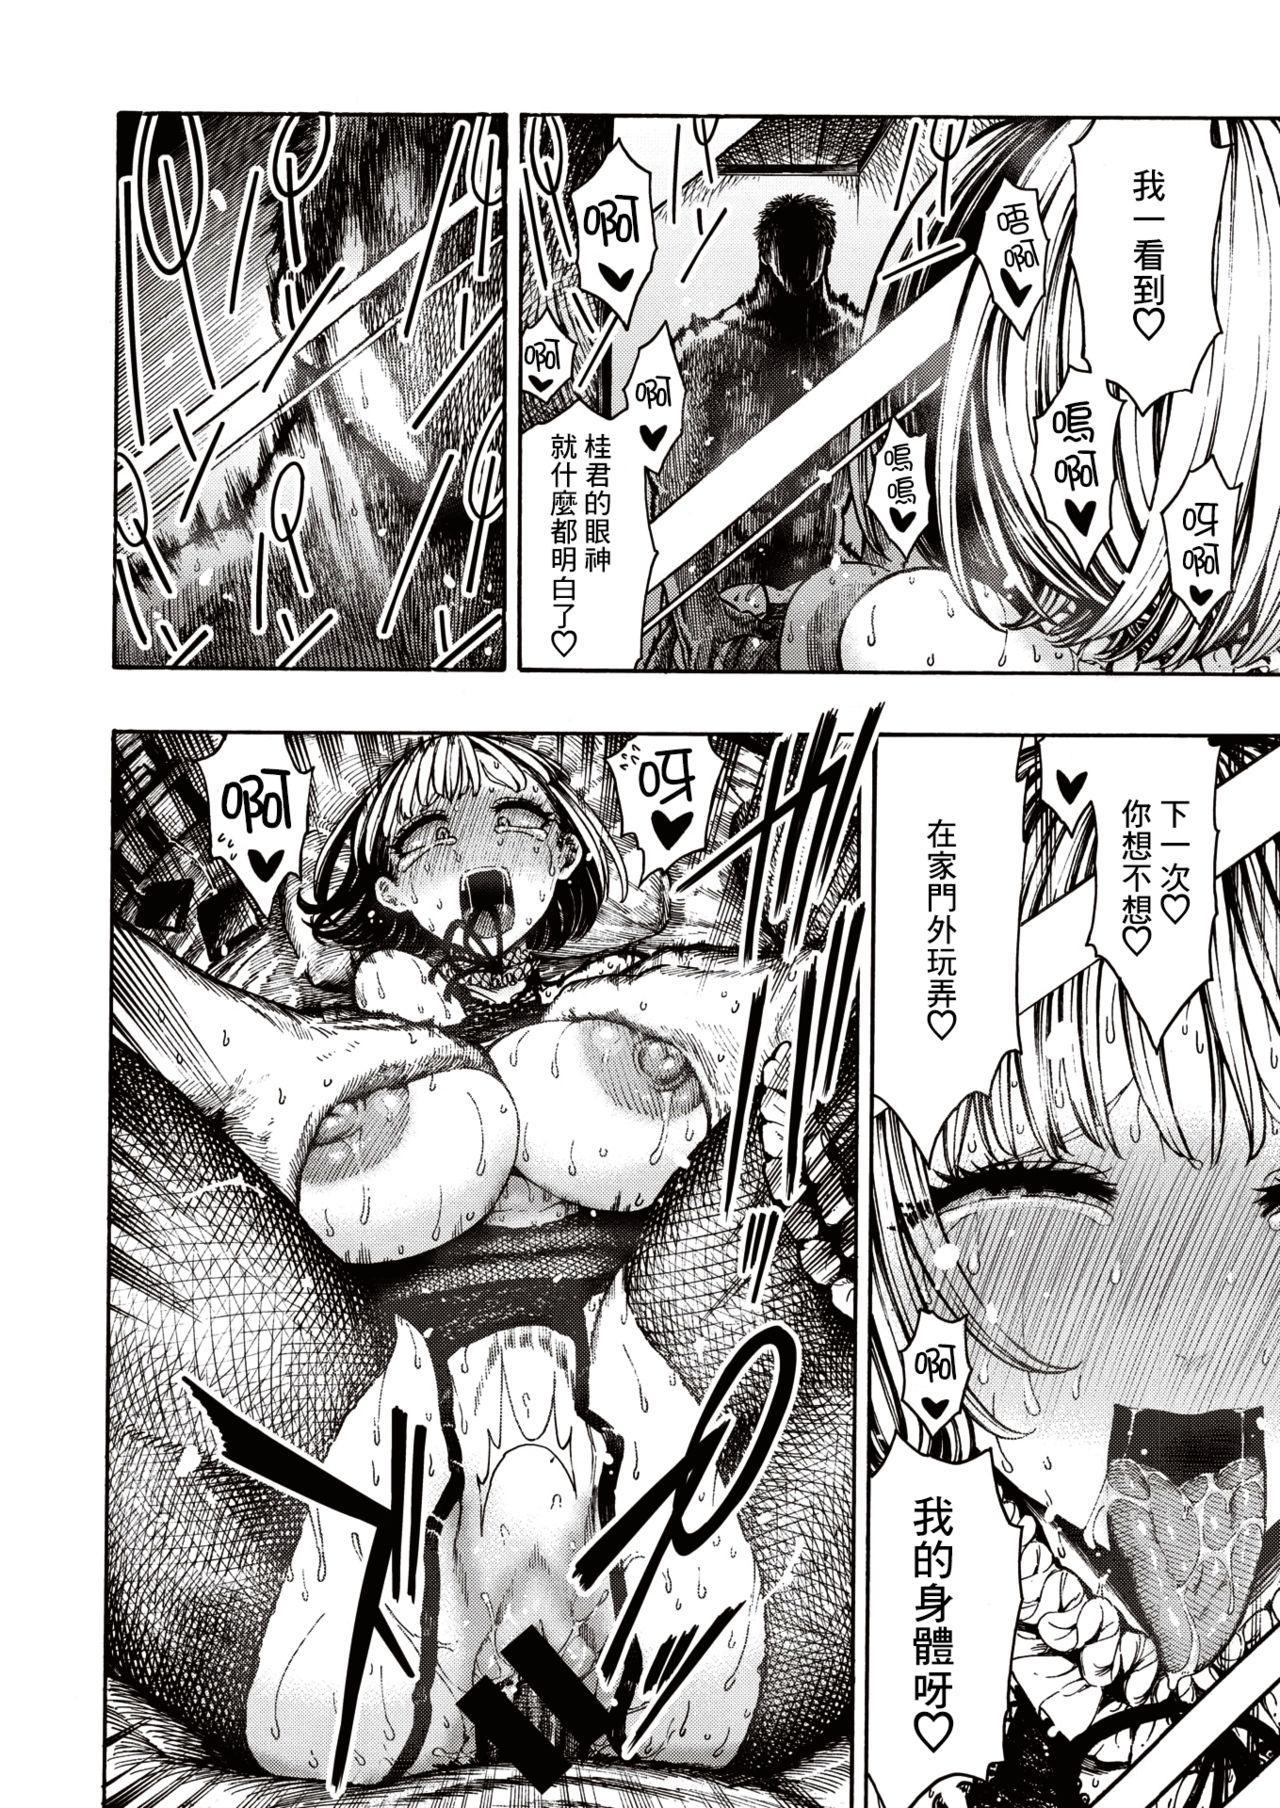 [Hirune] IPPAI ASOBO! ~Ouchi Hen~   盡情玩樂!~居家篇~(WEEKLY Kairakuten Vol. 37) [Chinese] [千歲漢化組] 14